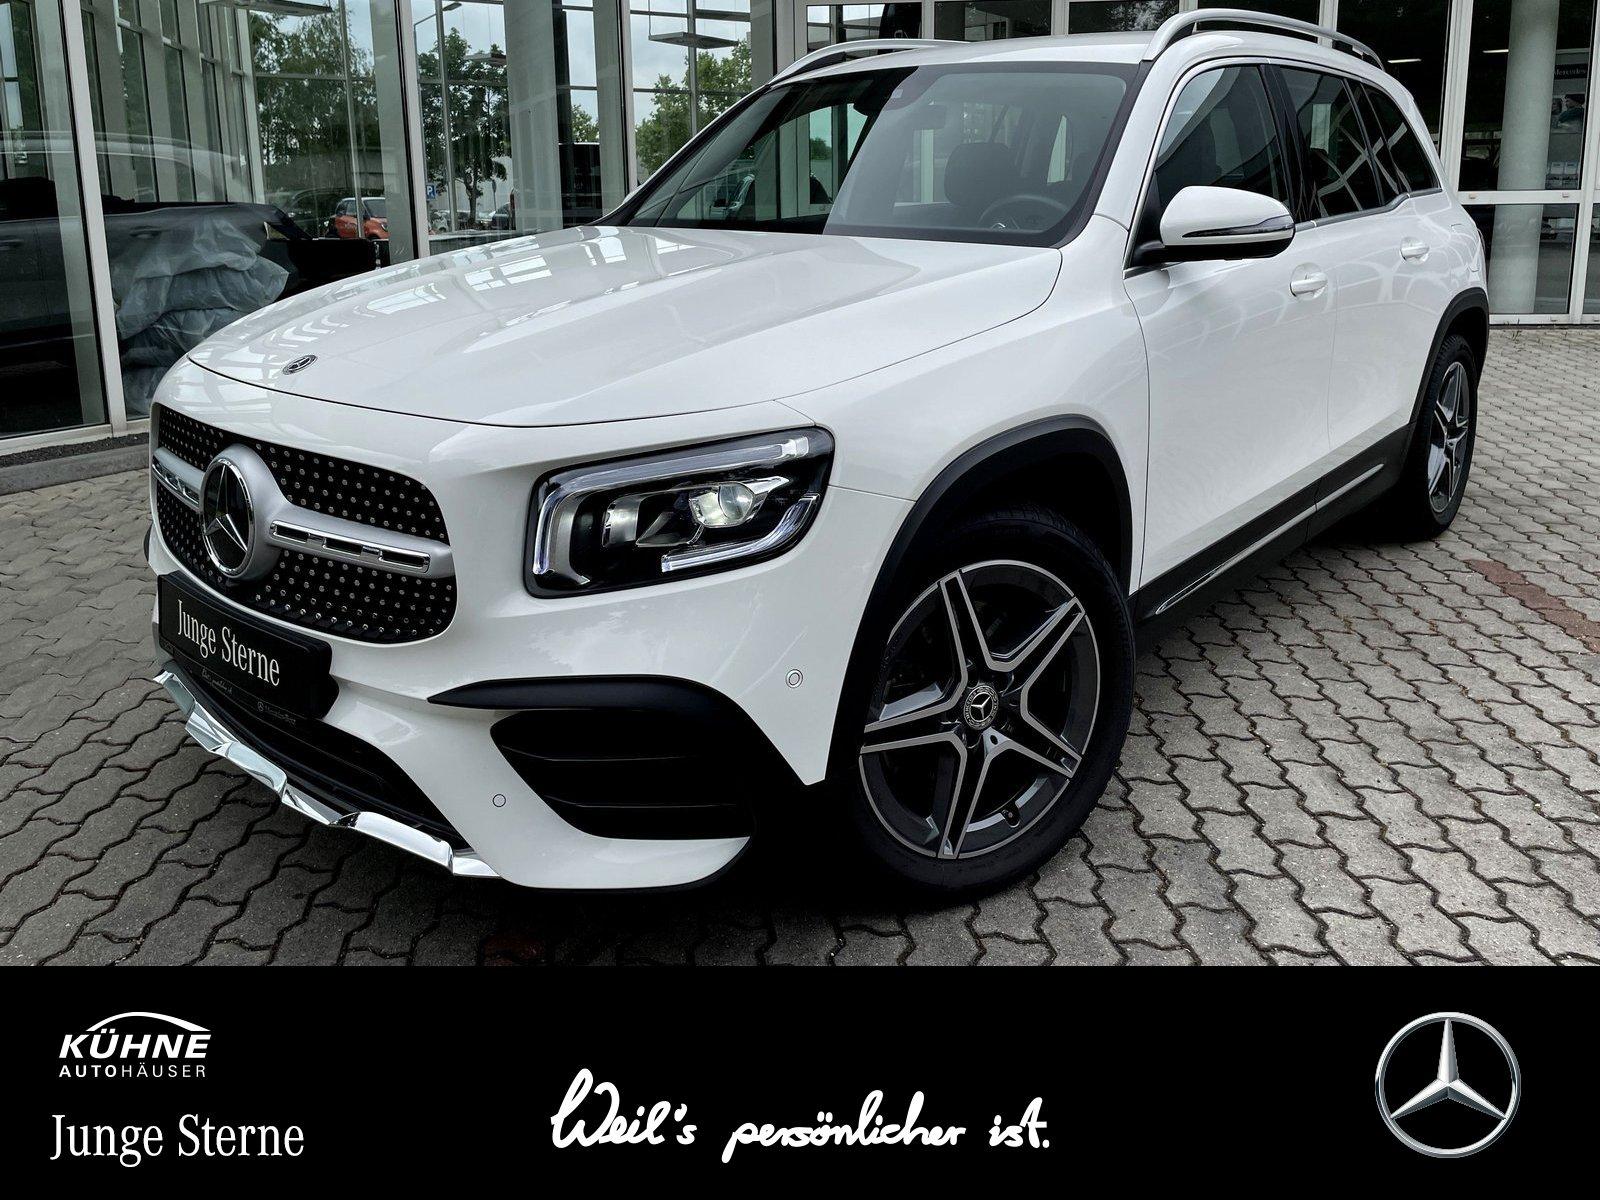 Mercedes-Benz GLB 250 4M AMG-Line 8G+Business+Kamera+LED High, Jahr 2020, Benzin